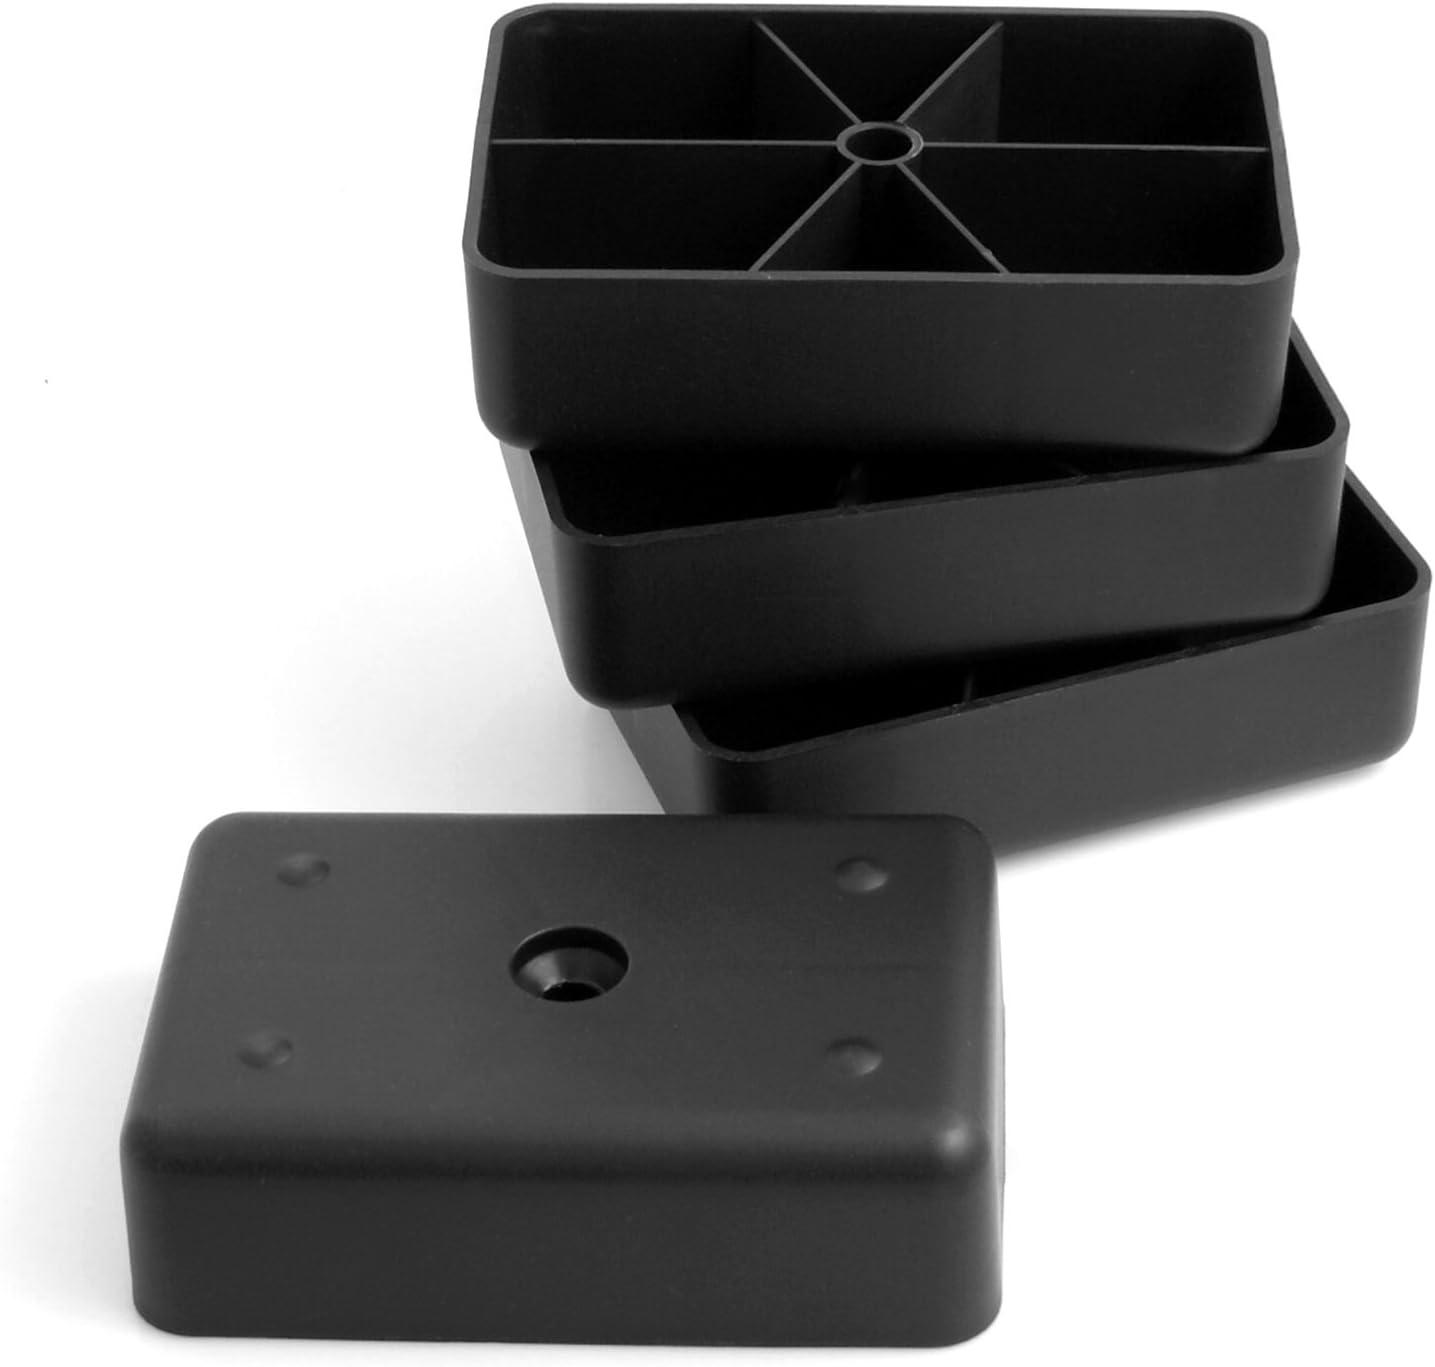 Design61/Juego de 4/Sof/á patas de pl/ástico para muebles muebles Posavasos sof/á sill/ón para atornillar para muebles pl/ástico rectangular en negro